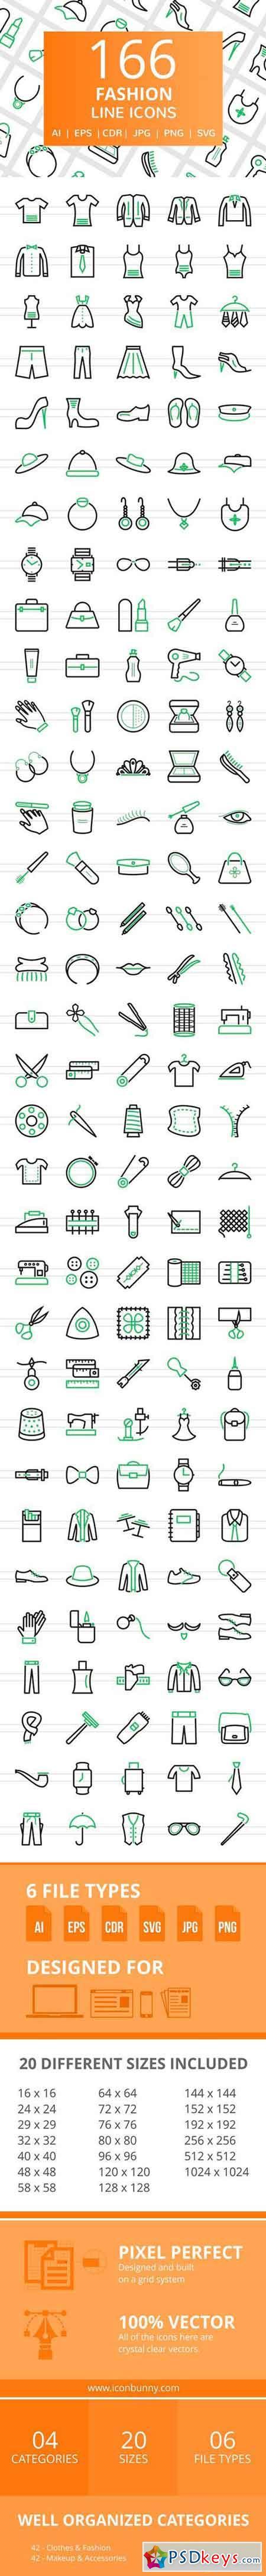 166 Fashion Line Icons 2456514